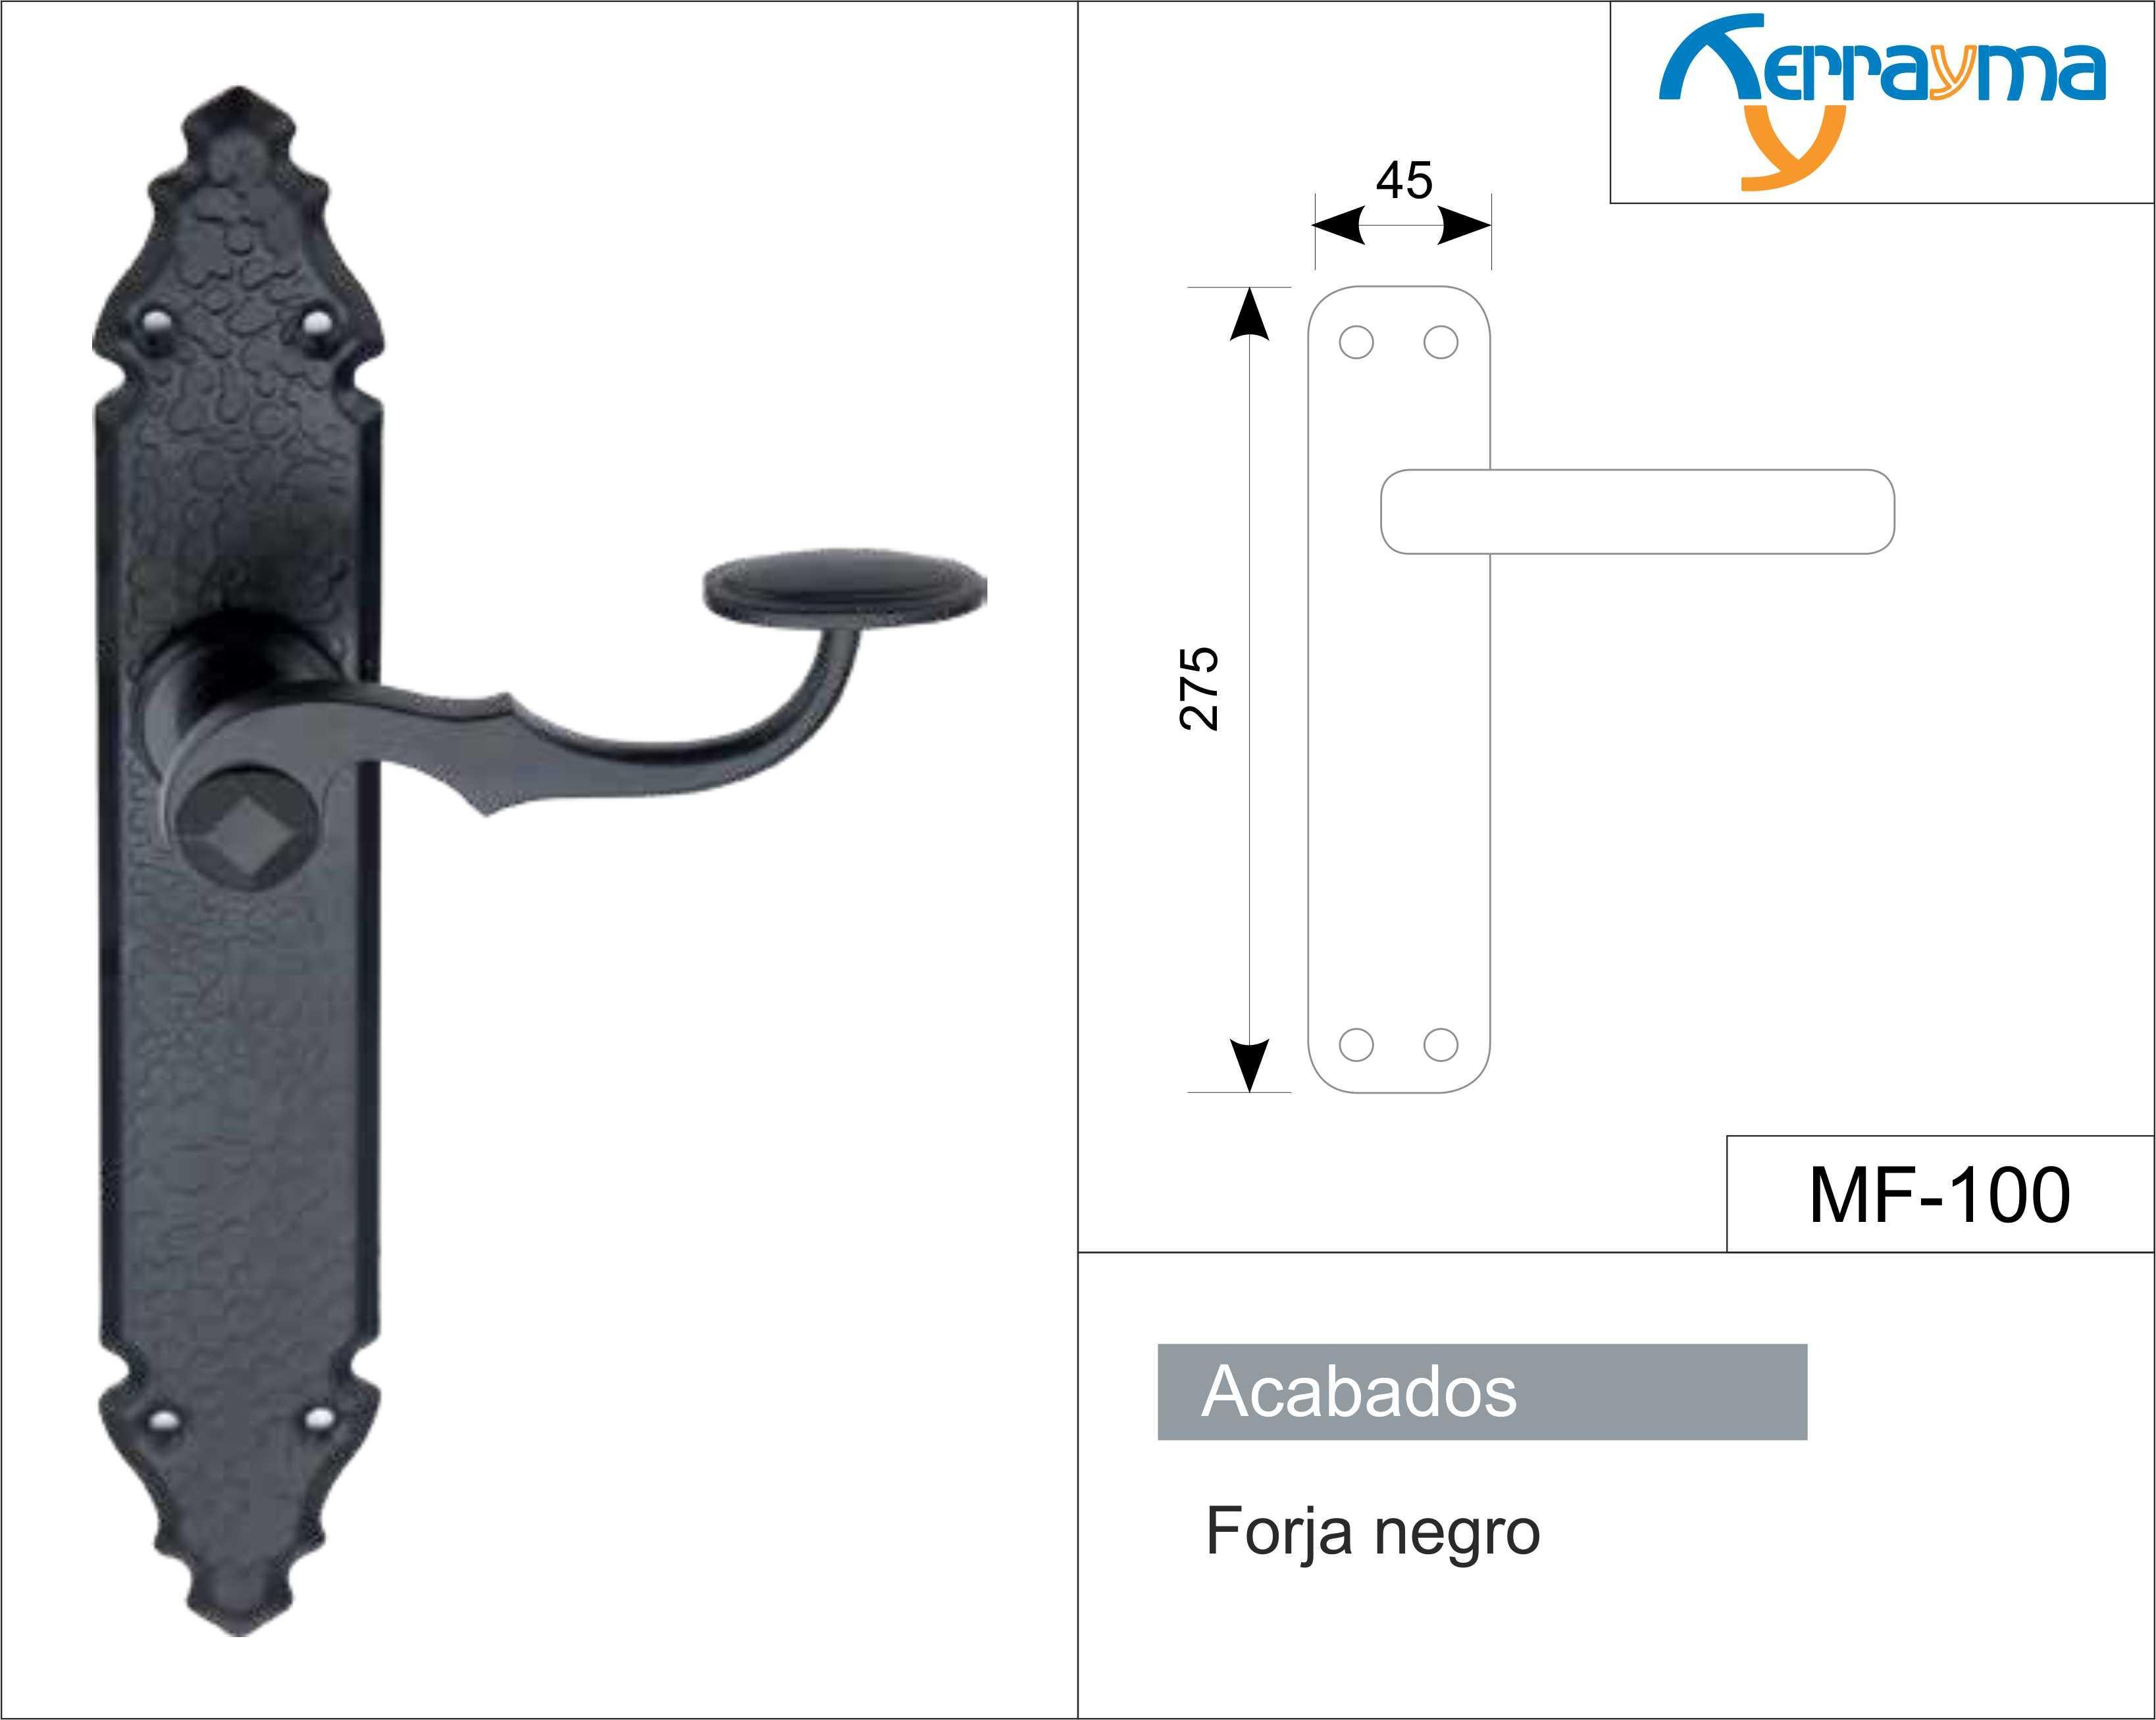 Juego de manillas manilla placa forja negro modelo mf 100 - Manillas de forja ...